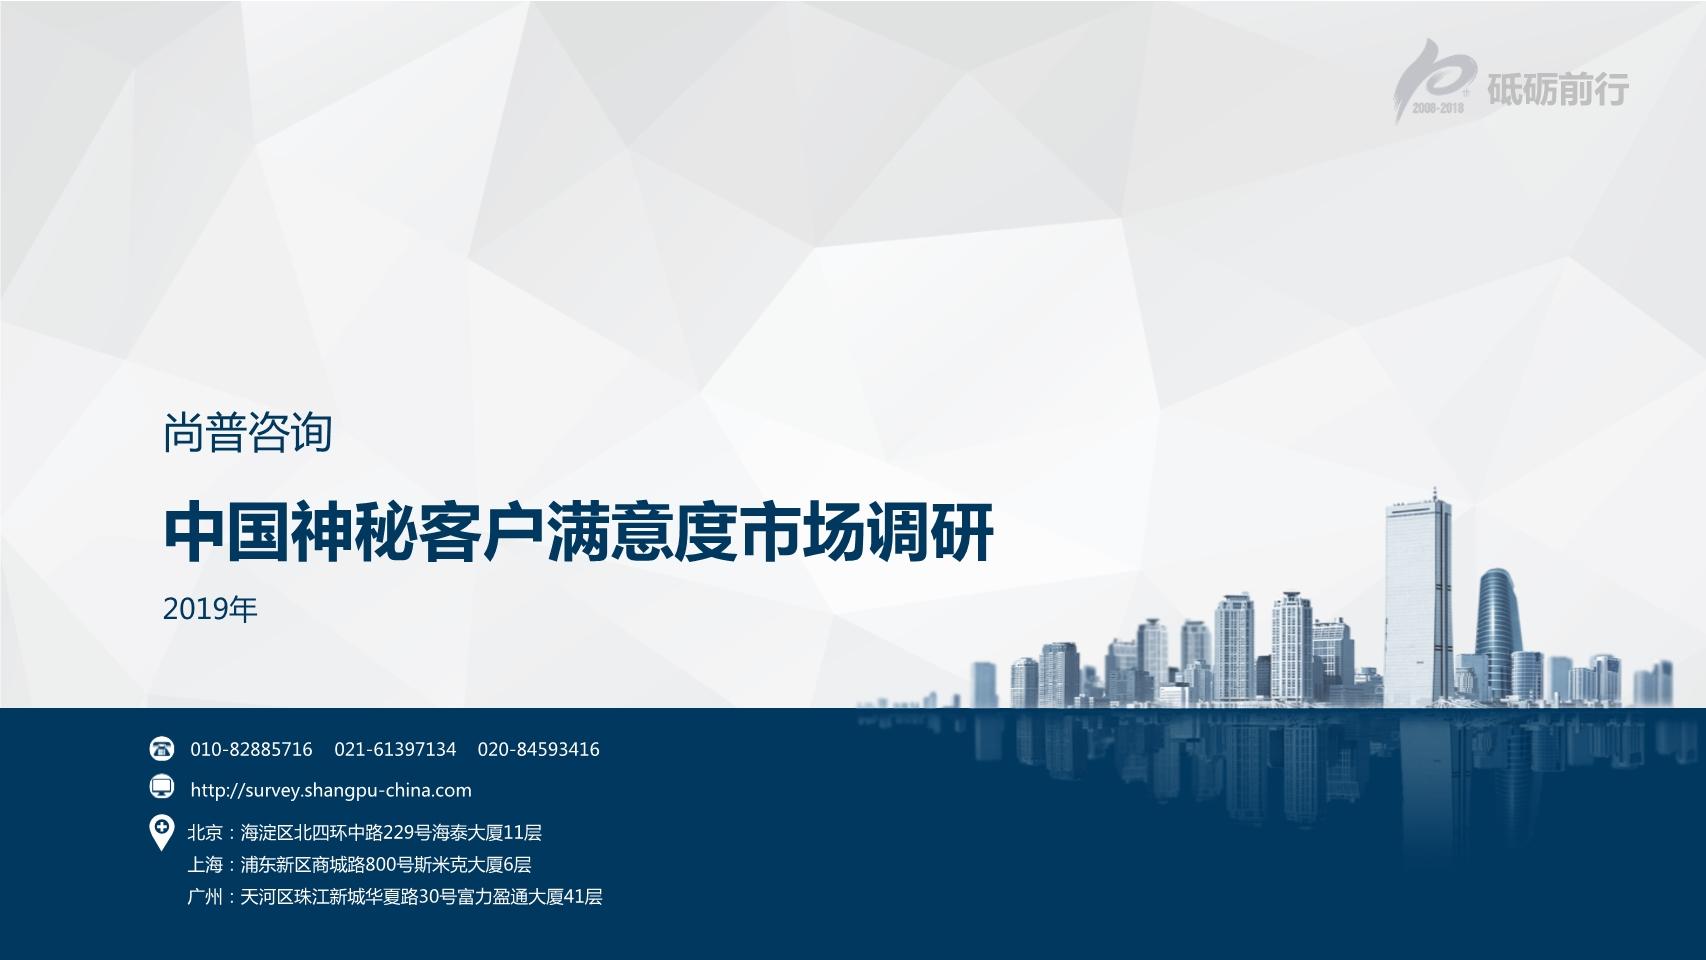 尚普咨询-中国神秘客户满意度市场调研